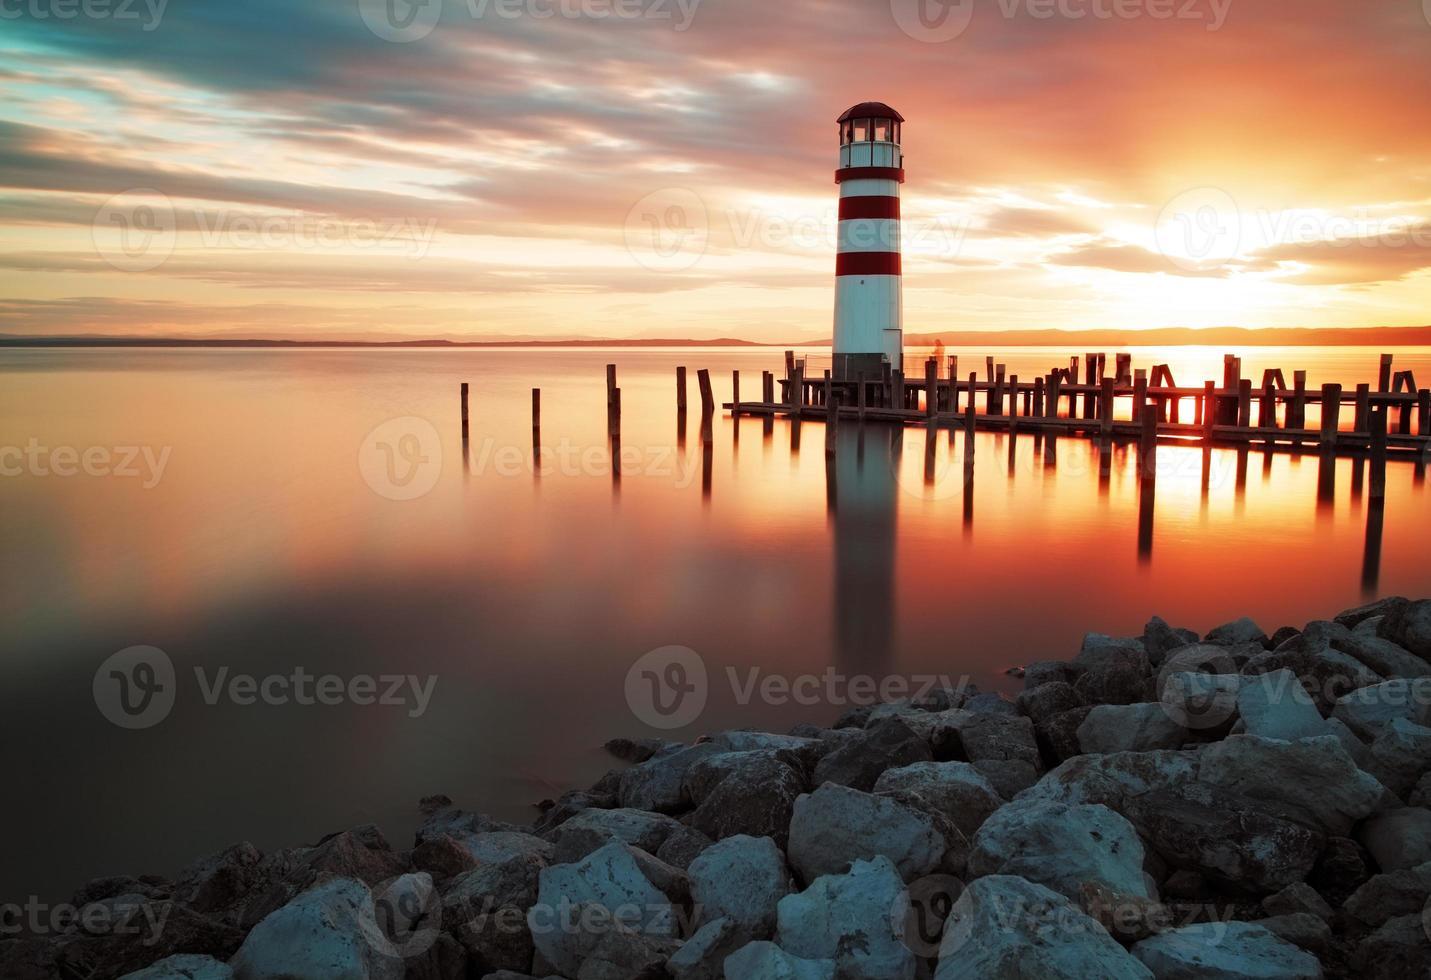 paesaggio oceano tramonto - faro foto